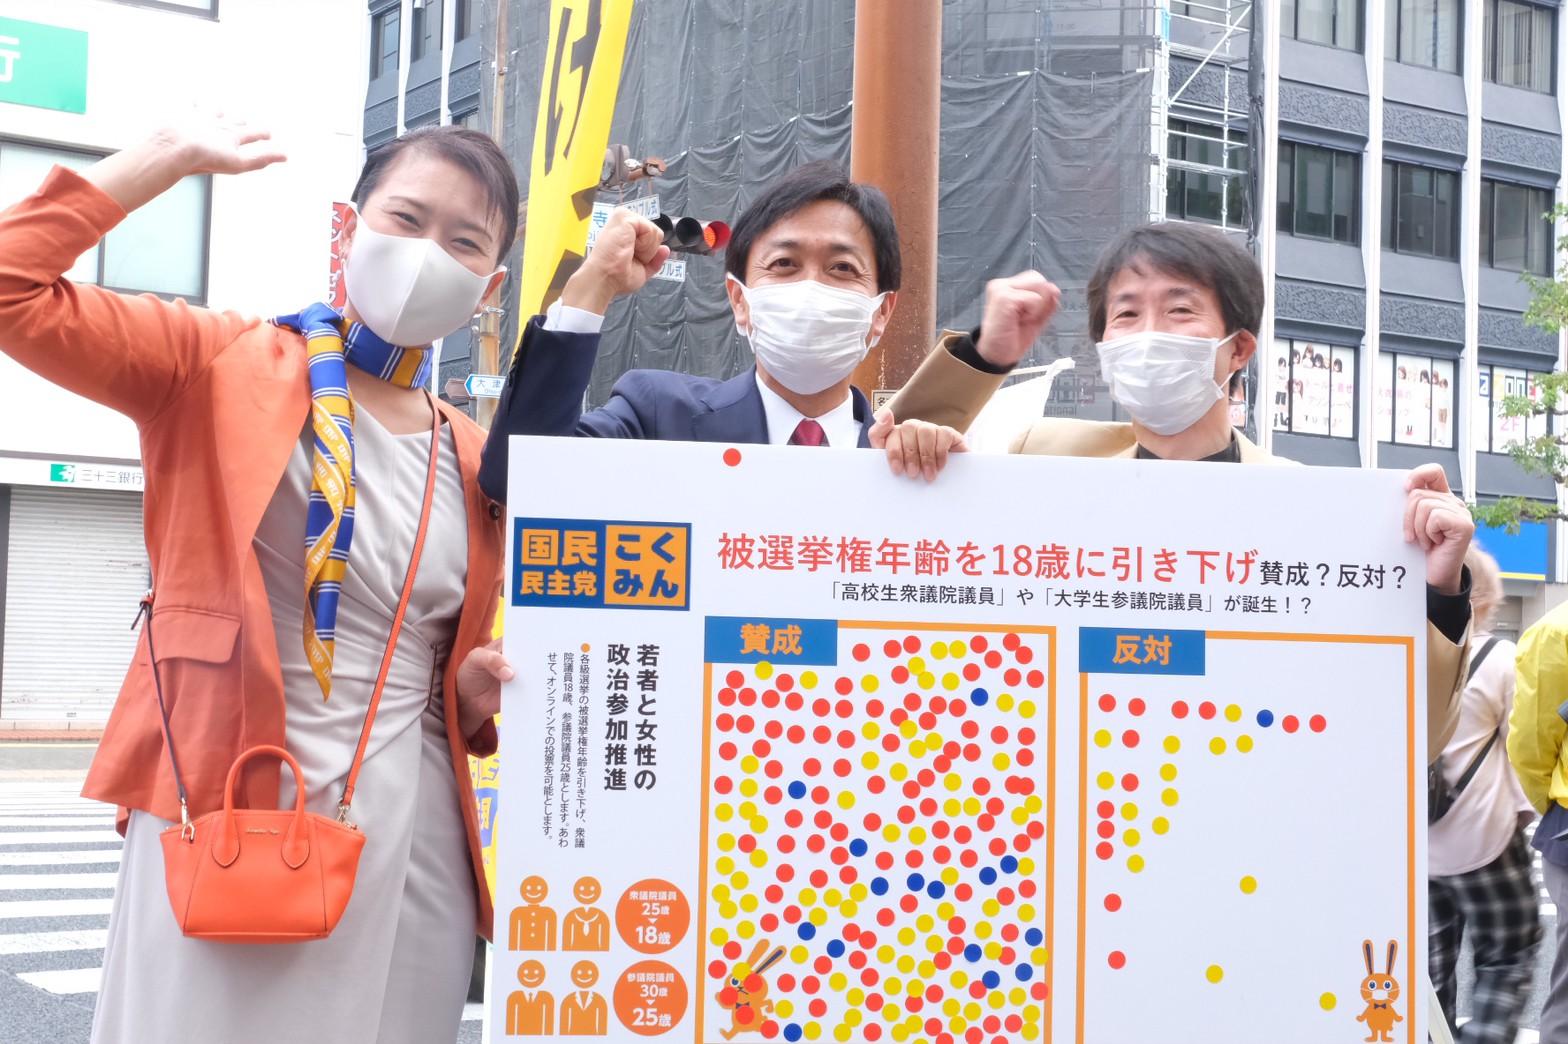 【愛知県】玉木代表・大塚代表代行・伊藤副代表が「被選挙権年齢引き下げ」についての参加型トークイベントを開催